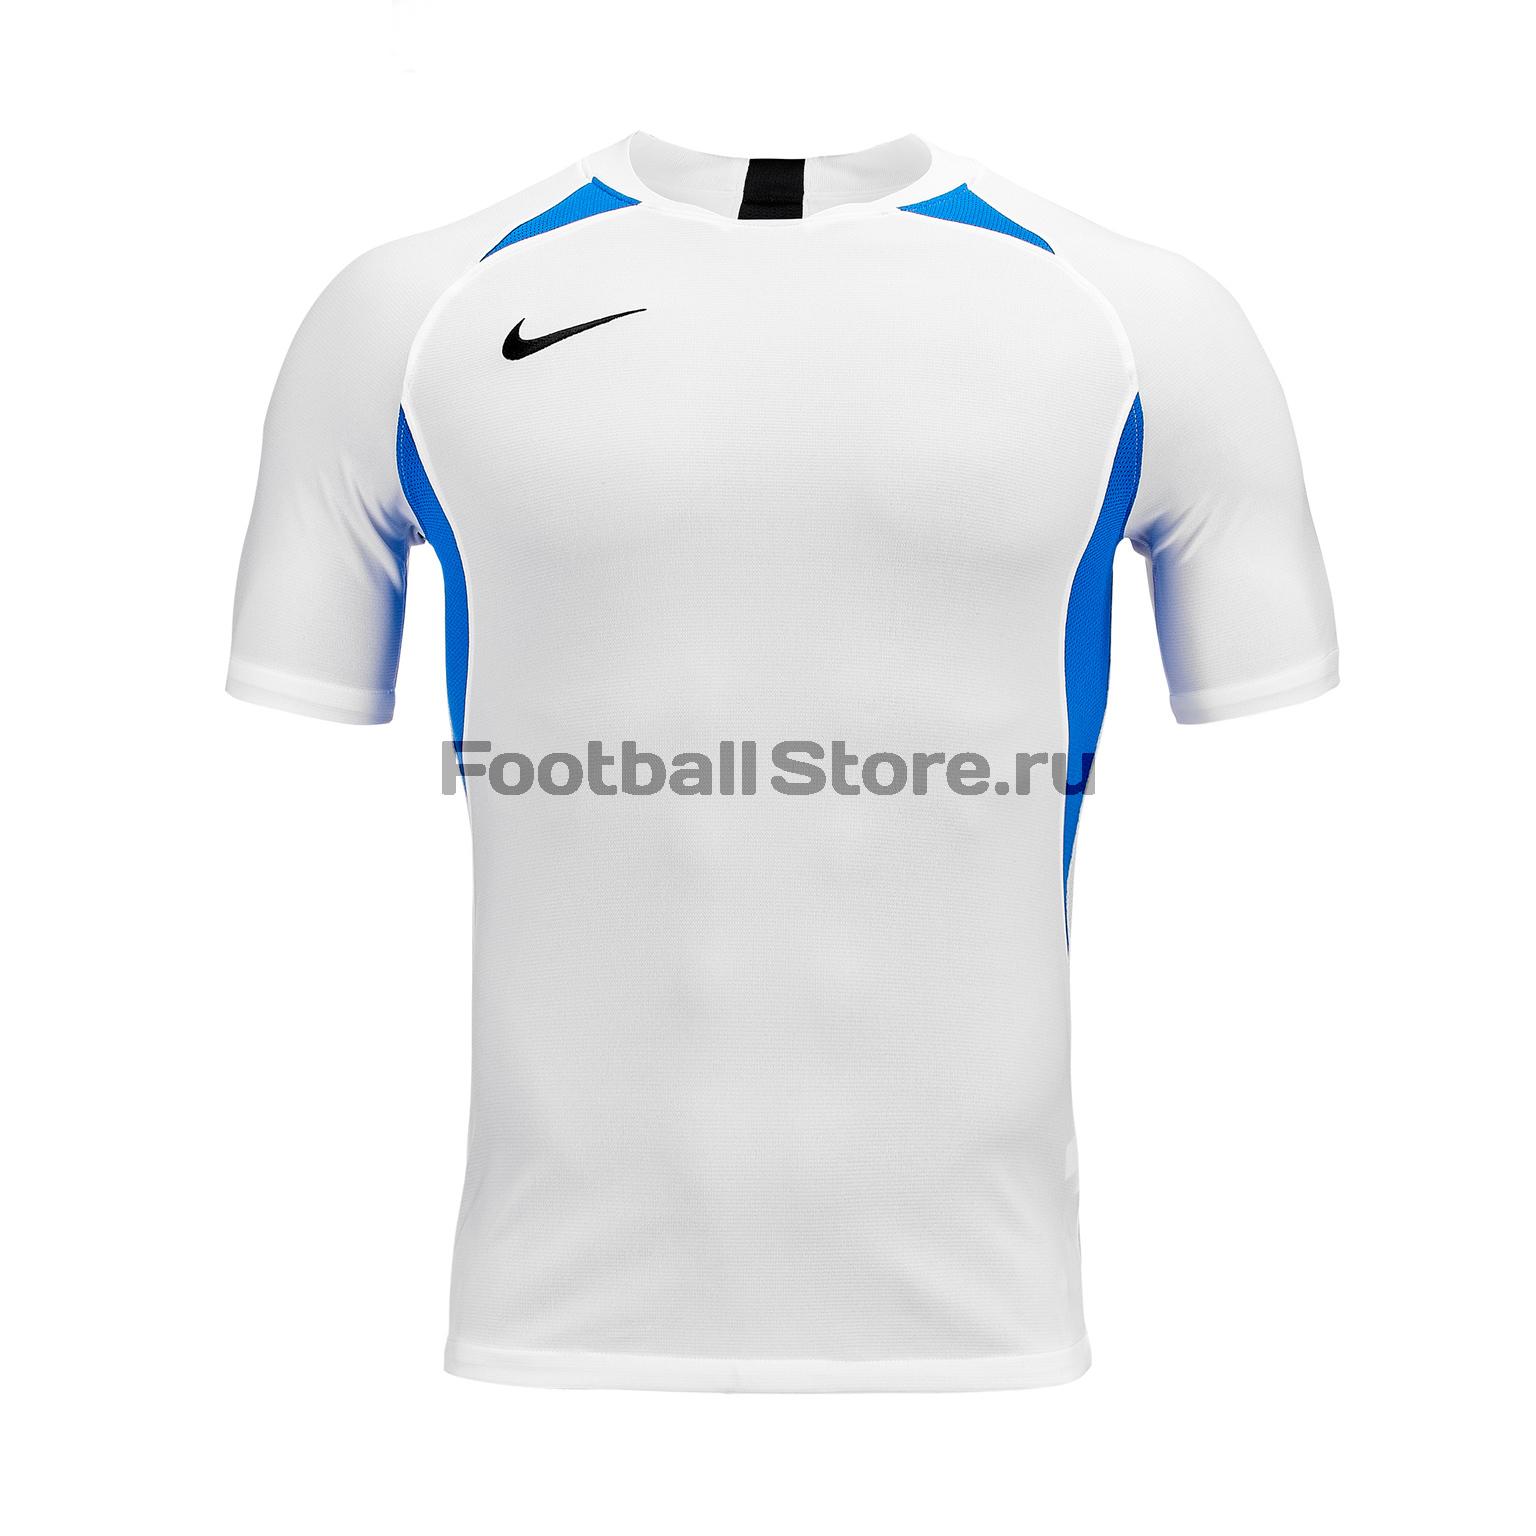 Футболка игровая Nike Dry Legend JSY SS AJ0998-102 футболка игровая nike dry tiempo prem jsy ss 894230 662